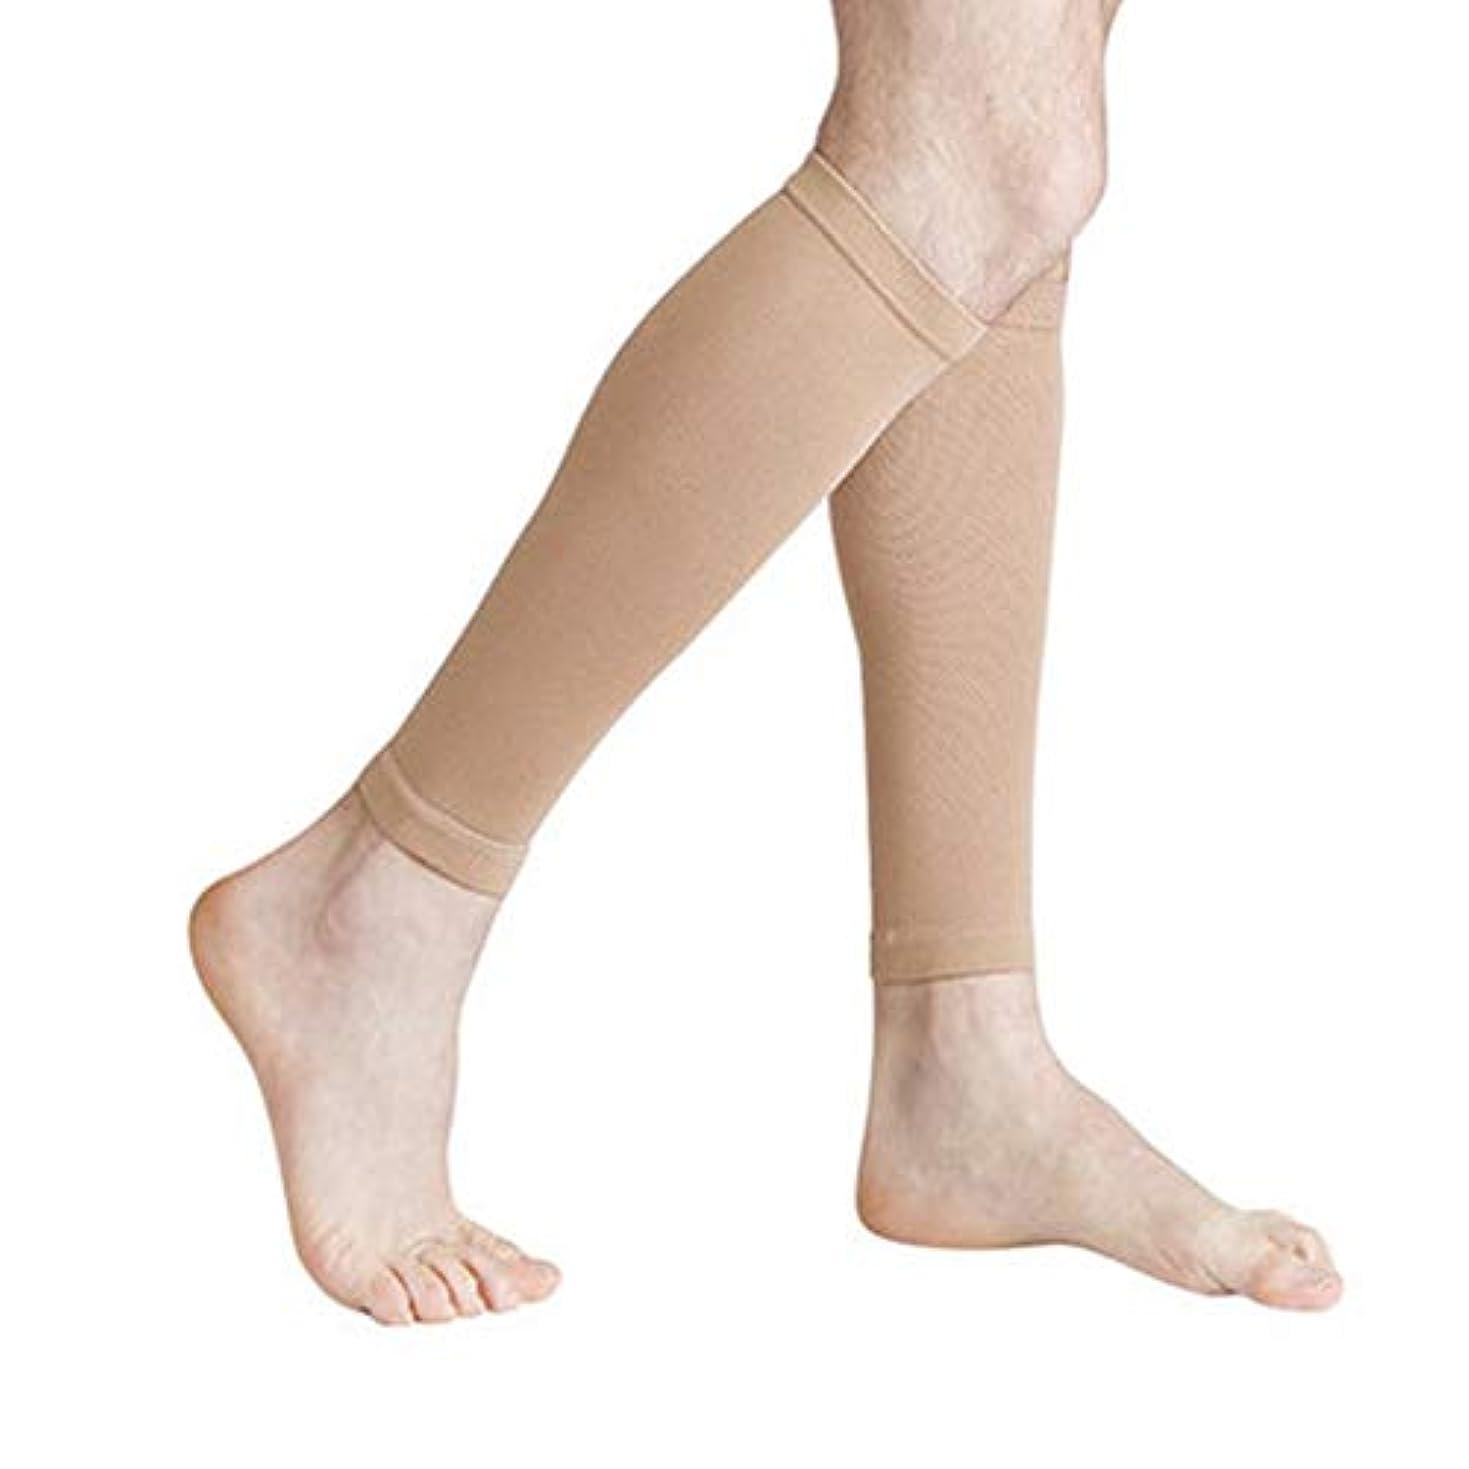 テニス著名な悲しい丈夫な男性女性プロの圧縮靴下通気性のある旅行活動看護師用シントスプリントフライトトラベル - 肌色